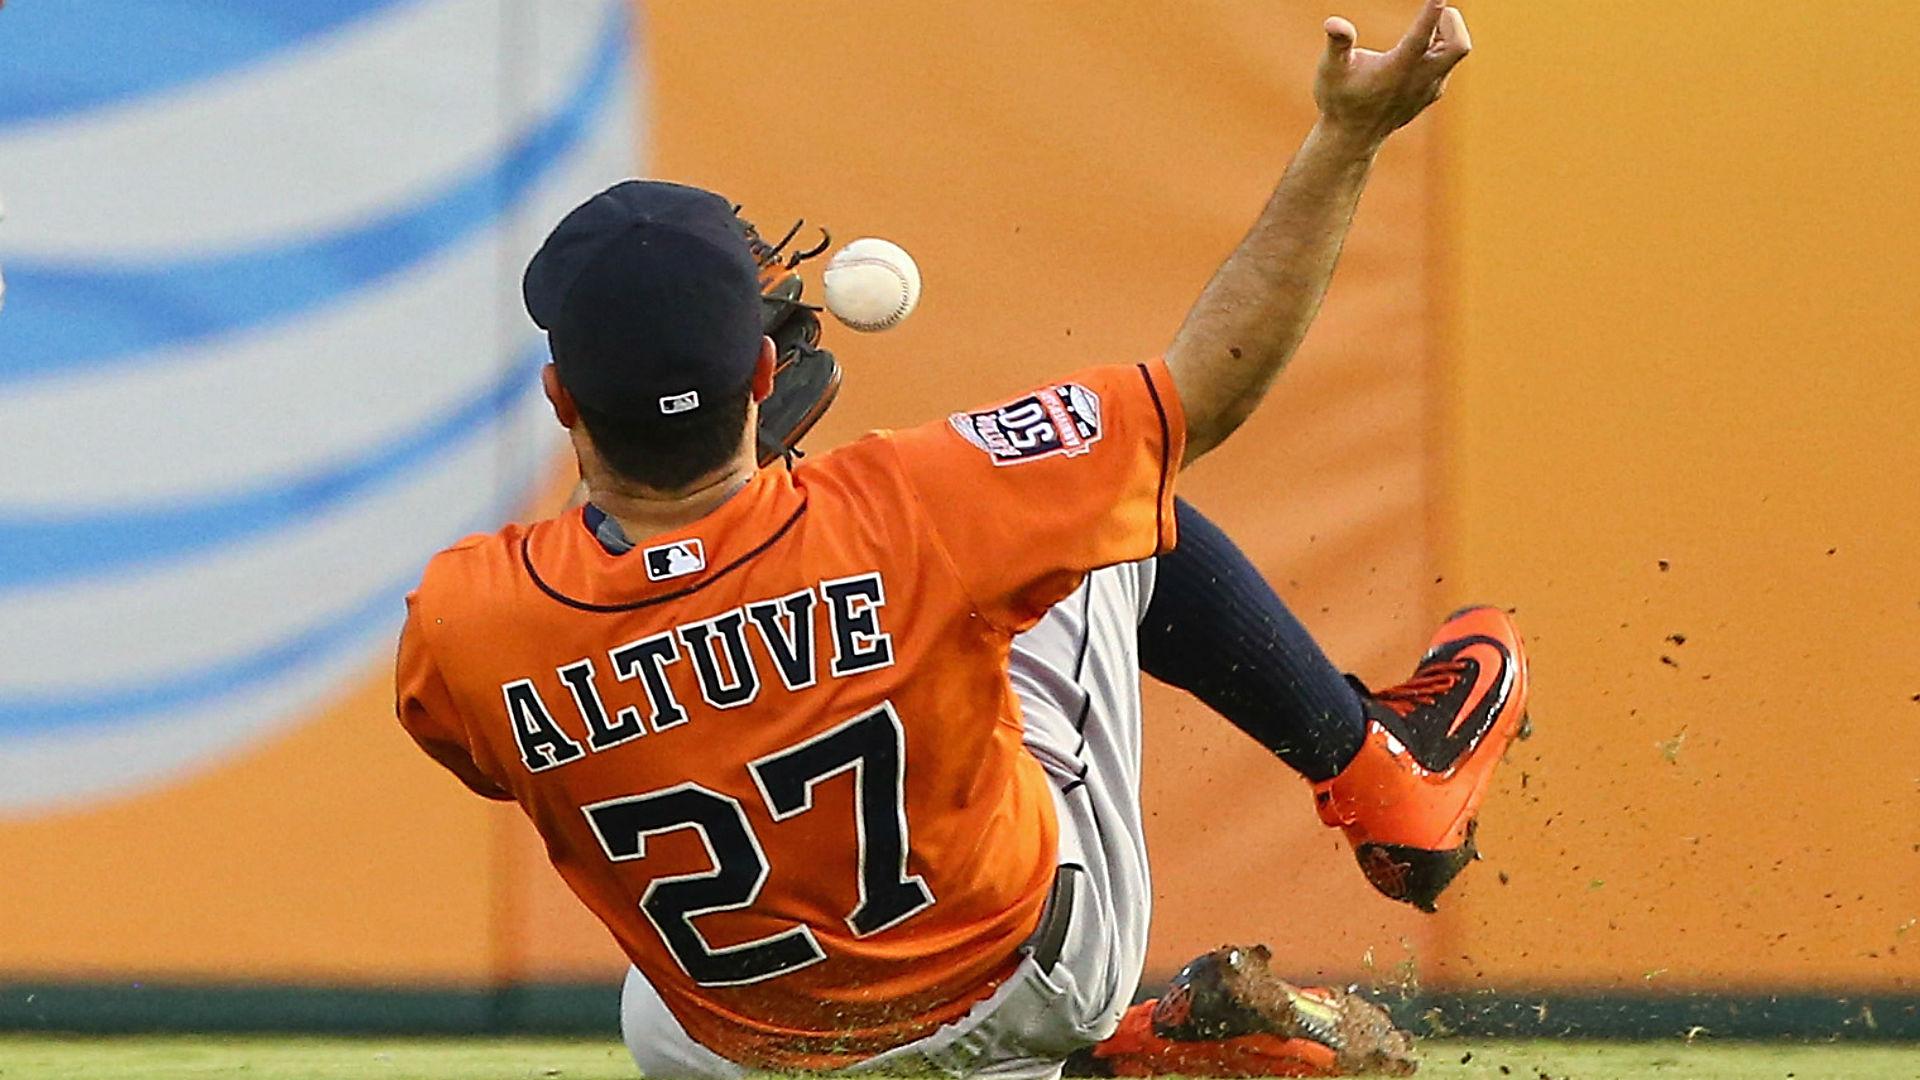 Astros second baseman Jose Altuve